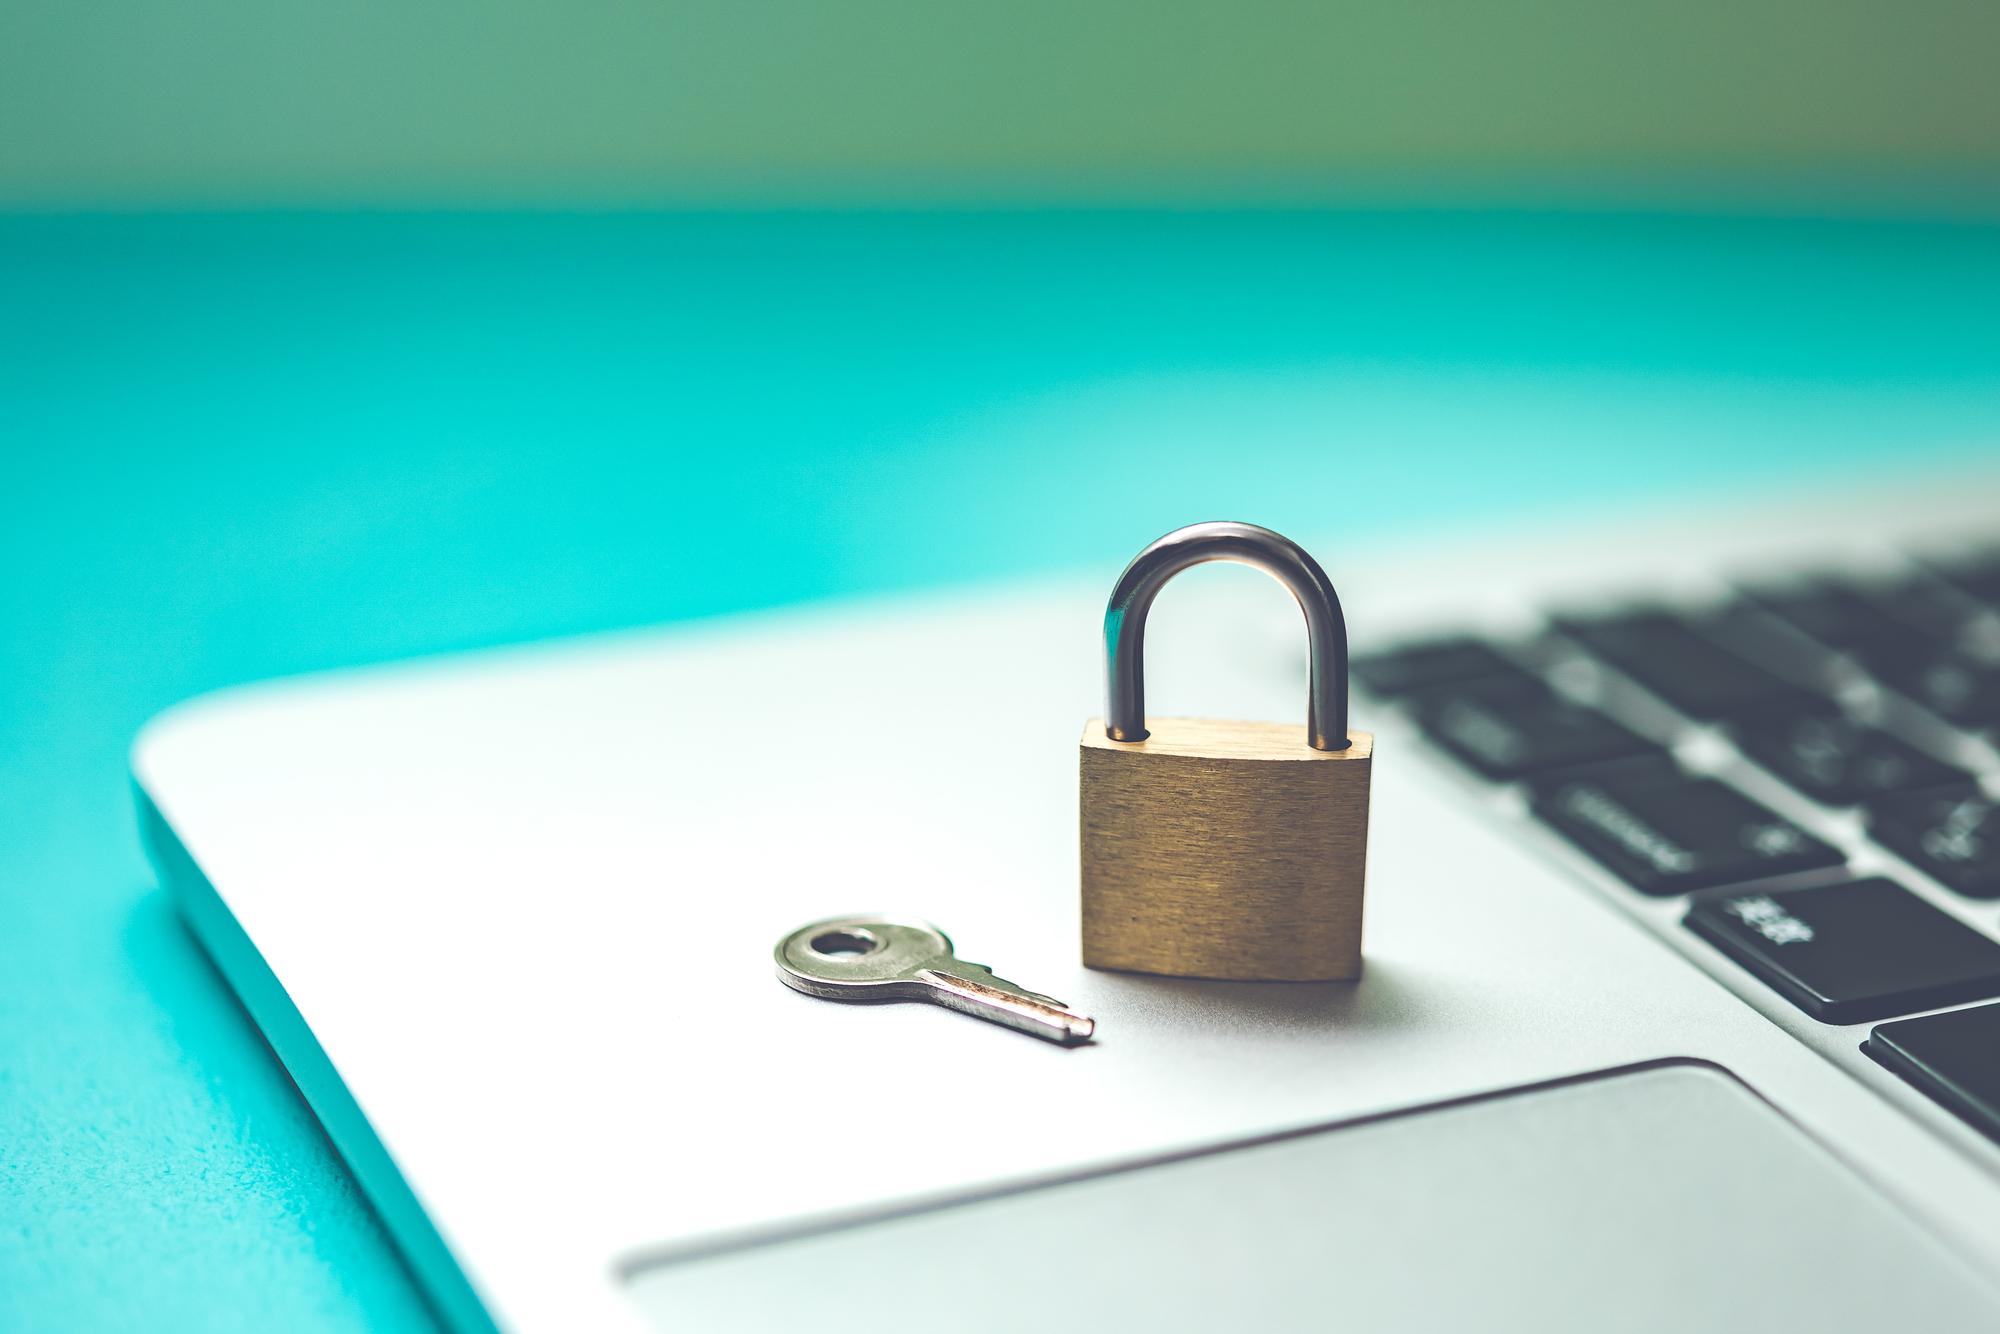 【SSHのセキュリティ設定】SSHサービスと鍵管理の設定についてご紹介